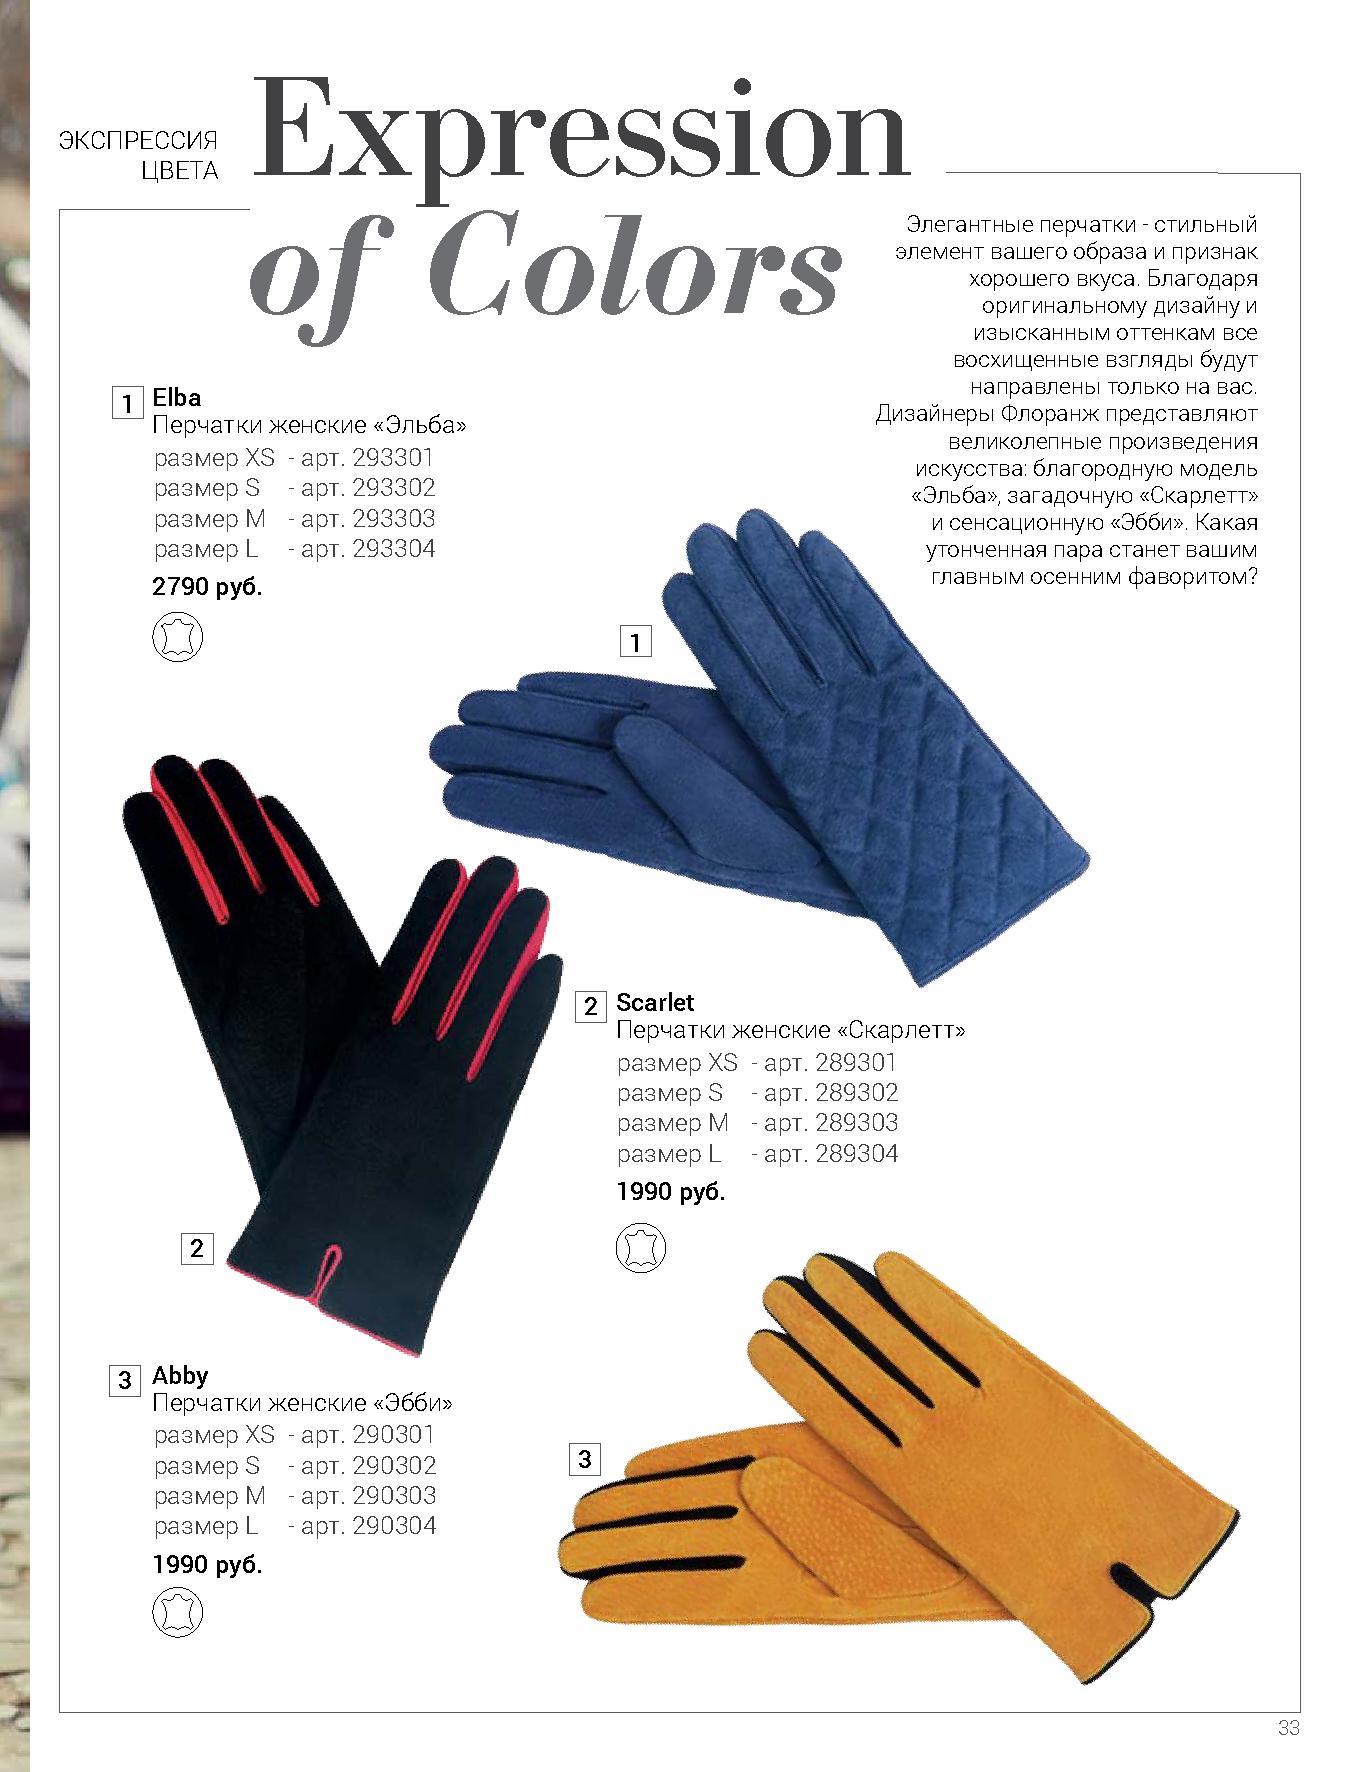 Флоранж Стайл - перчатки женские Эльба, Скарлетт и Эбби